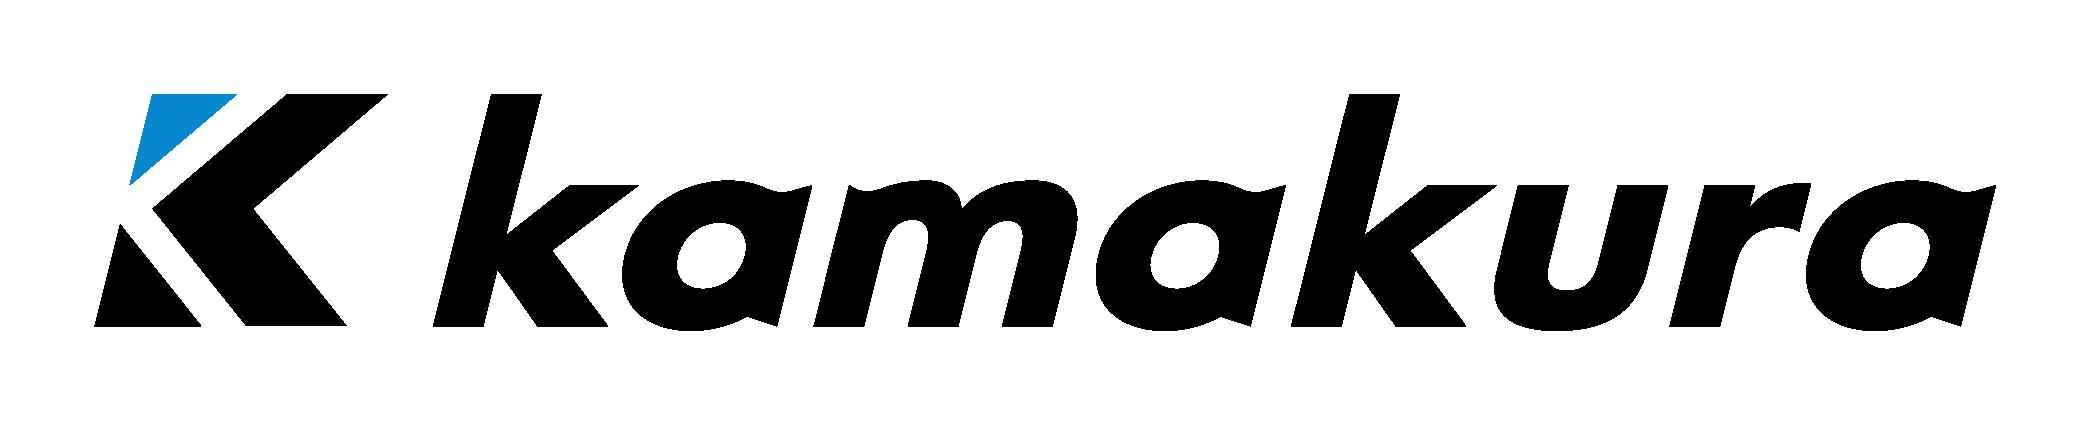 株式会社鎌倉製作所